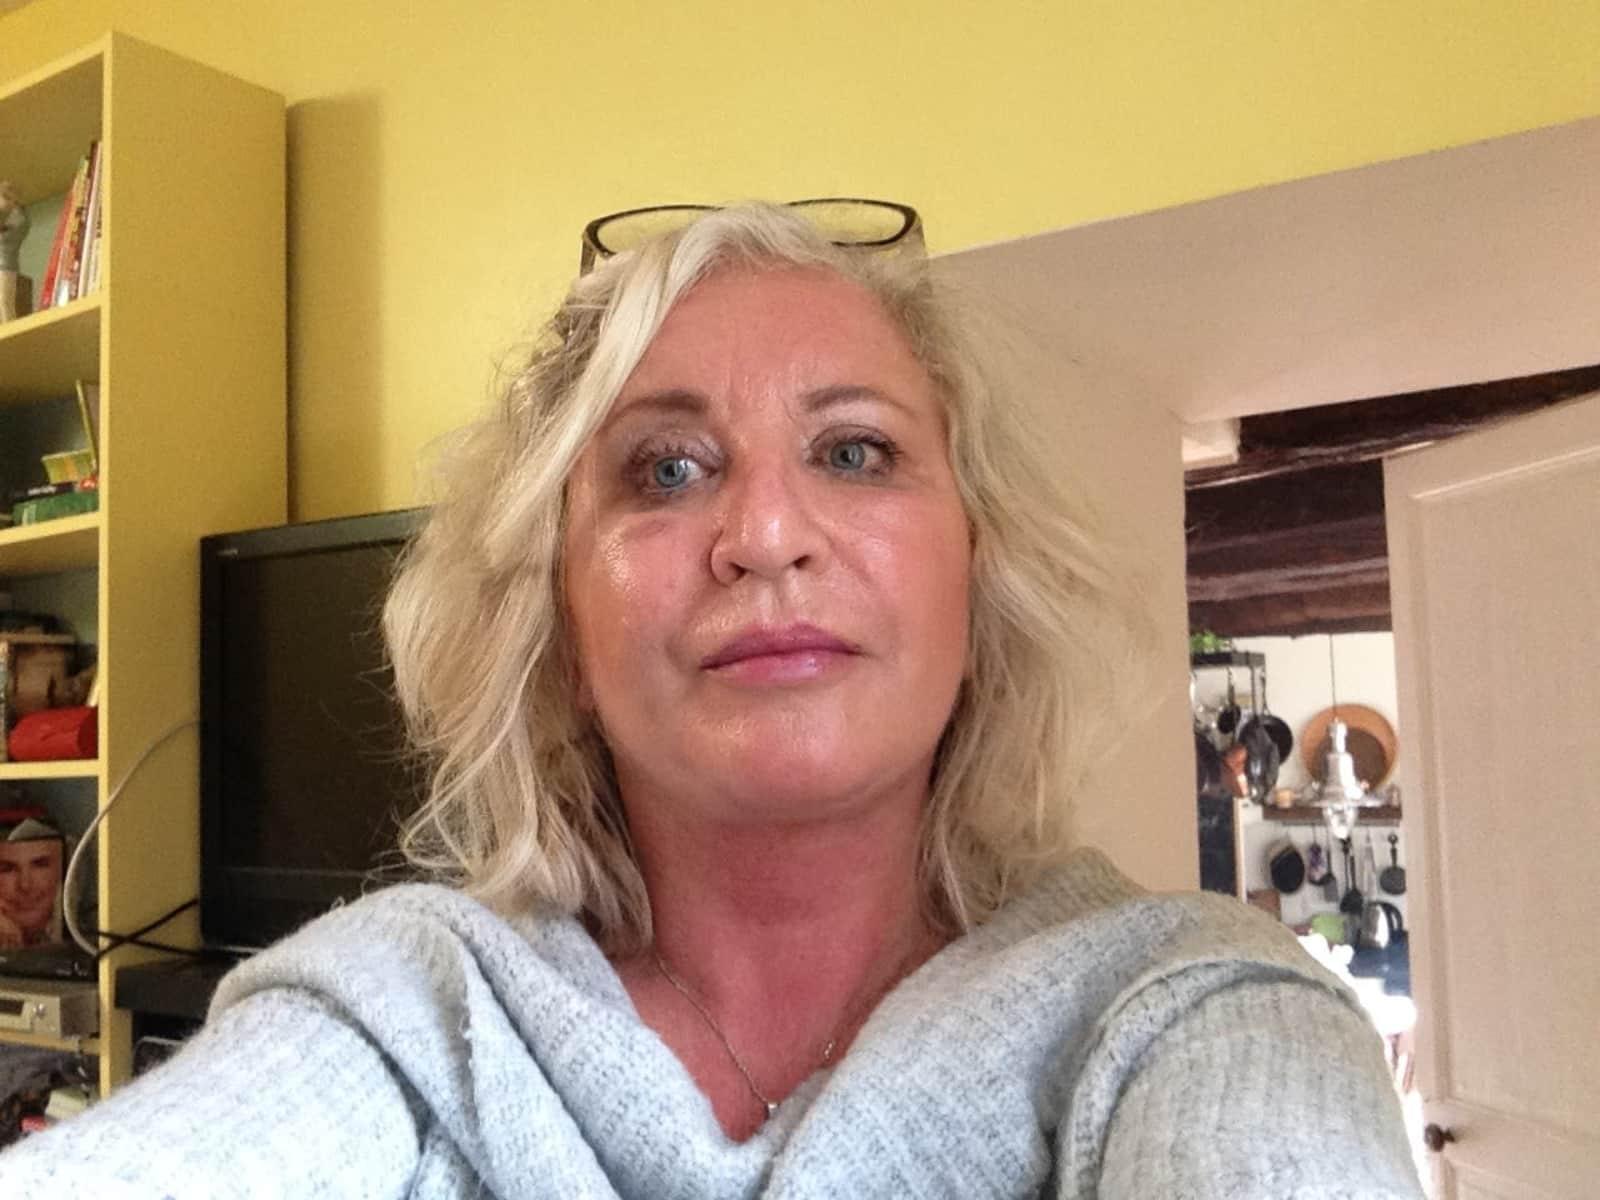 Lorraine from Amsterdam, Netherlands